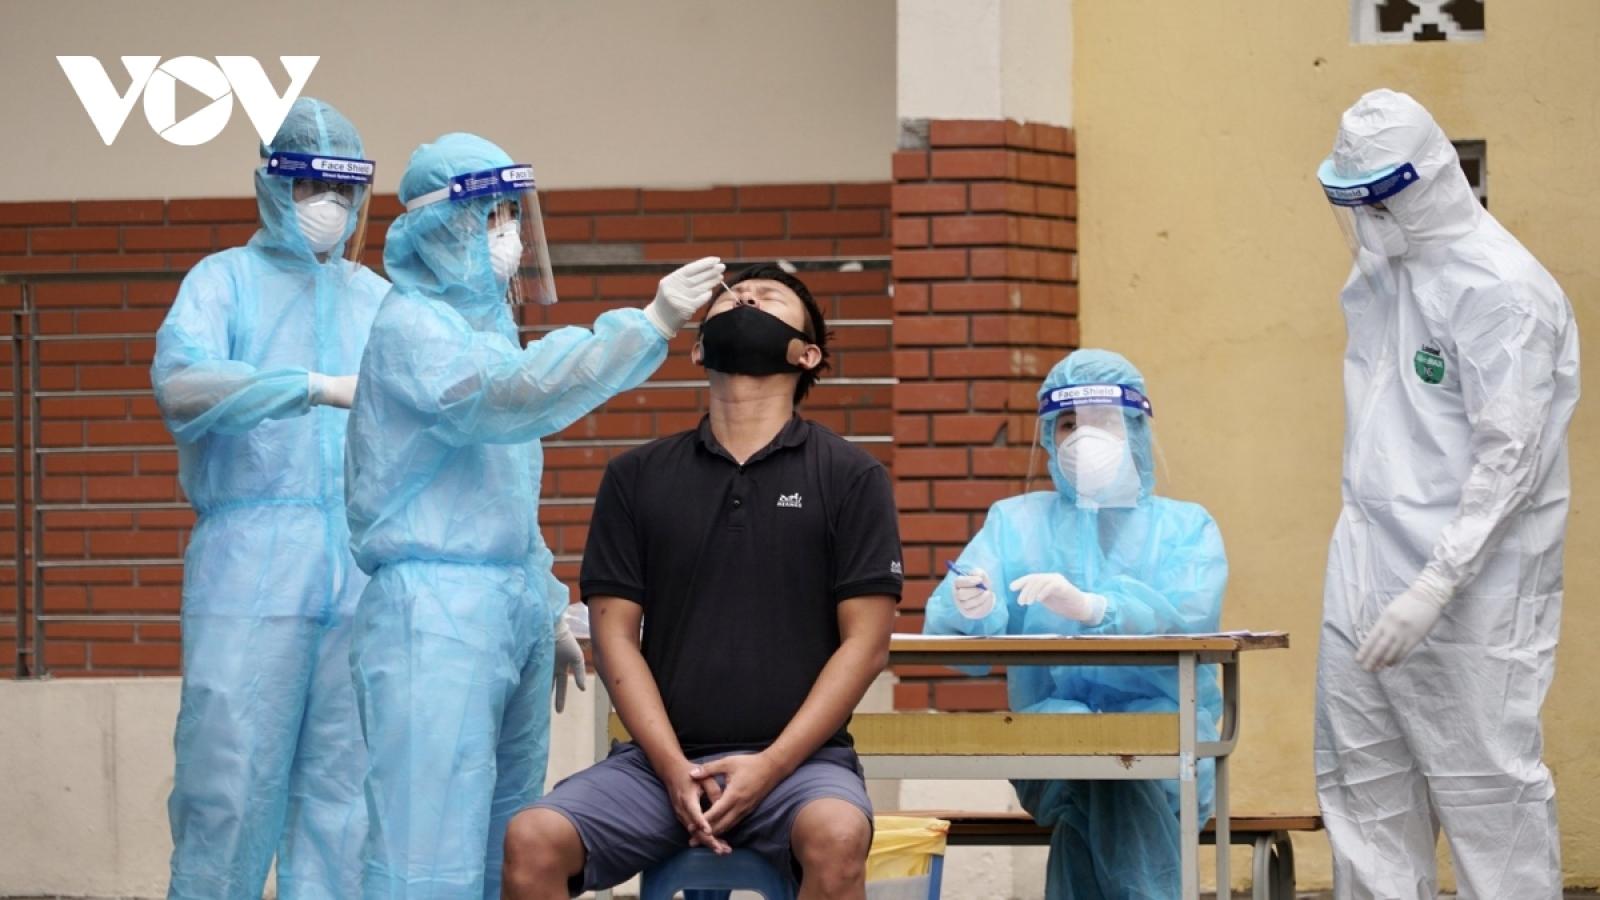 Hà Nội ghi nhận 8 ca mắc Covid-19 mới, 1 ca cộng đồng tại quận Thanh Xuân